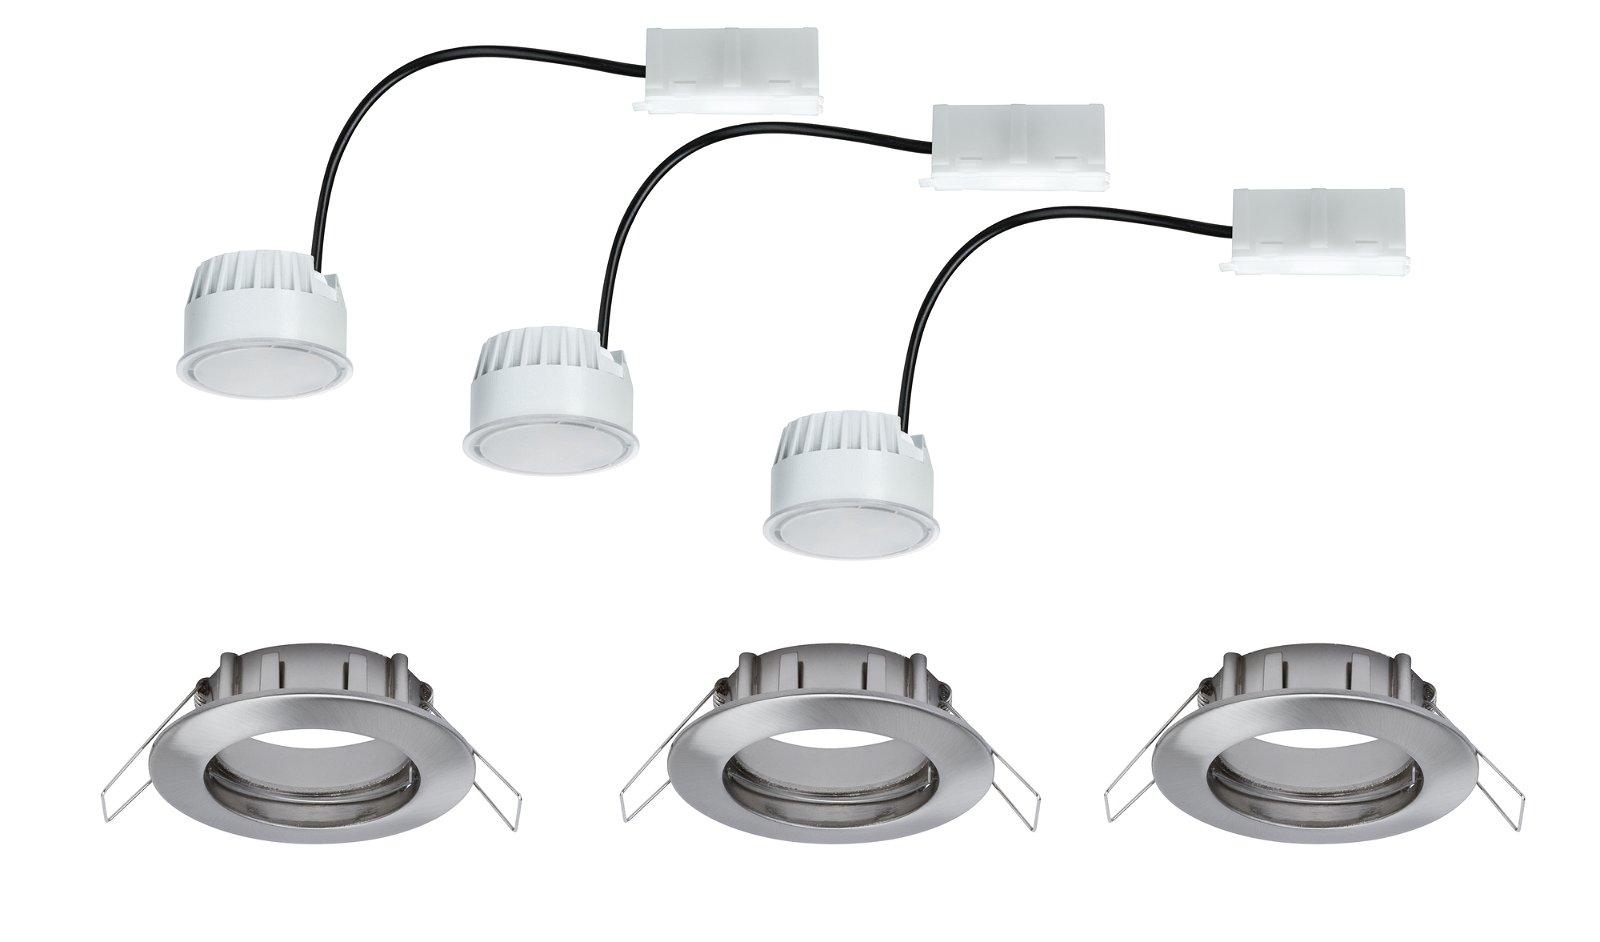 Einbauleuchte LED Coin satiniert rund 6,8W Eisen 3er-Set